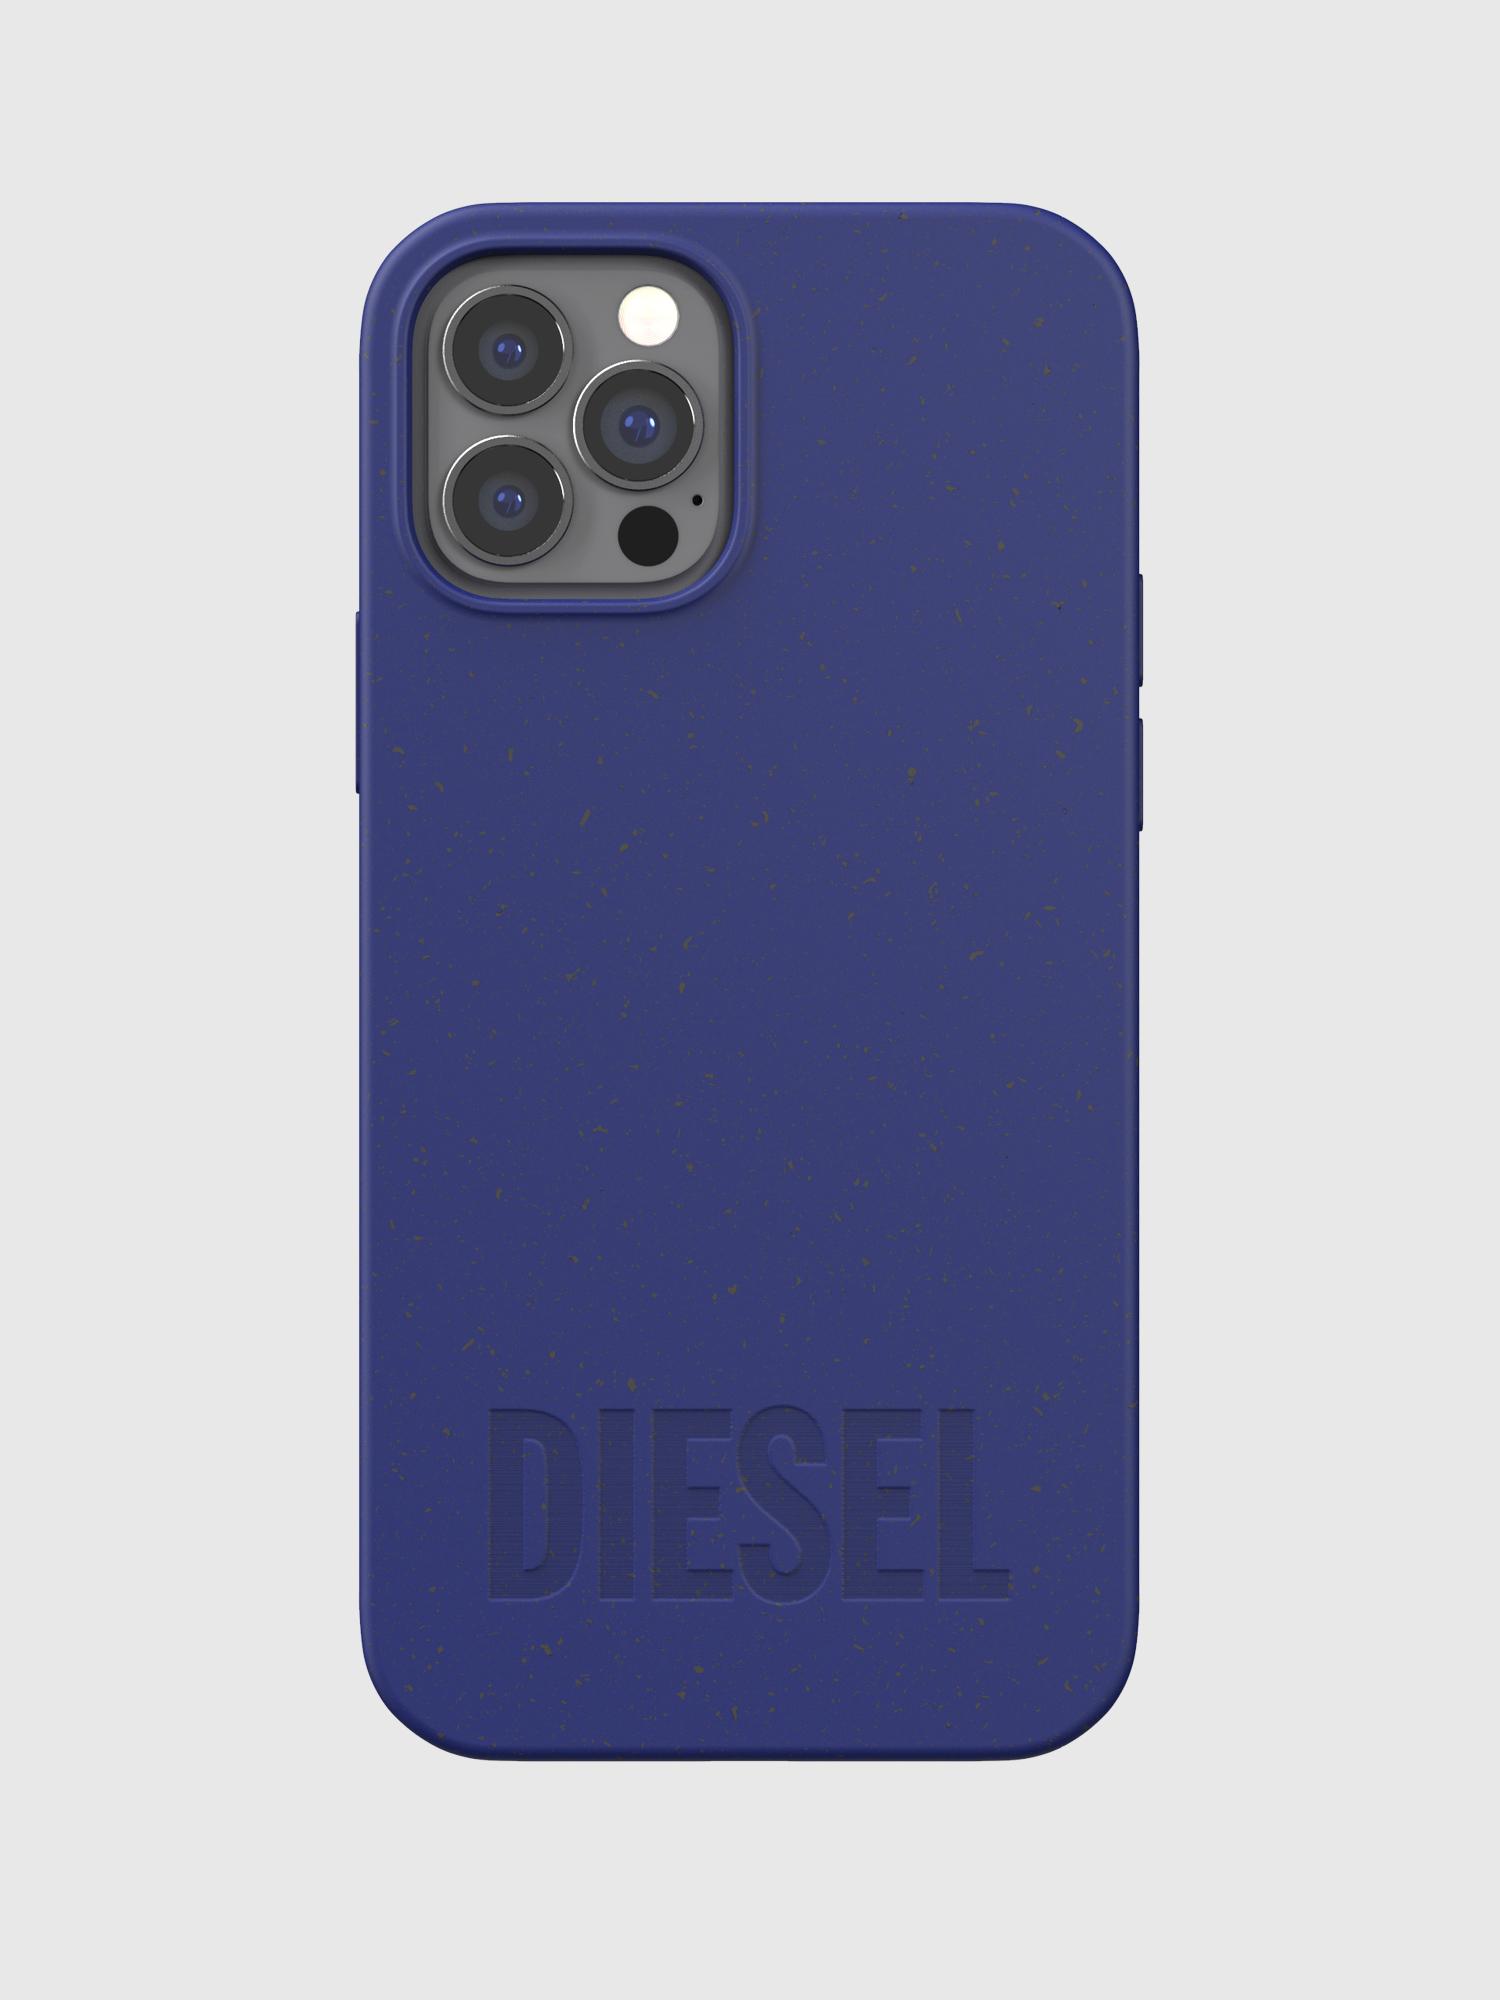 Diesel - 44303, Dark Violet - Cases - Image 2